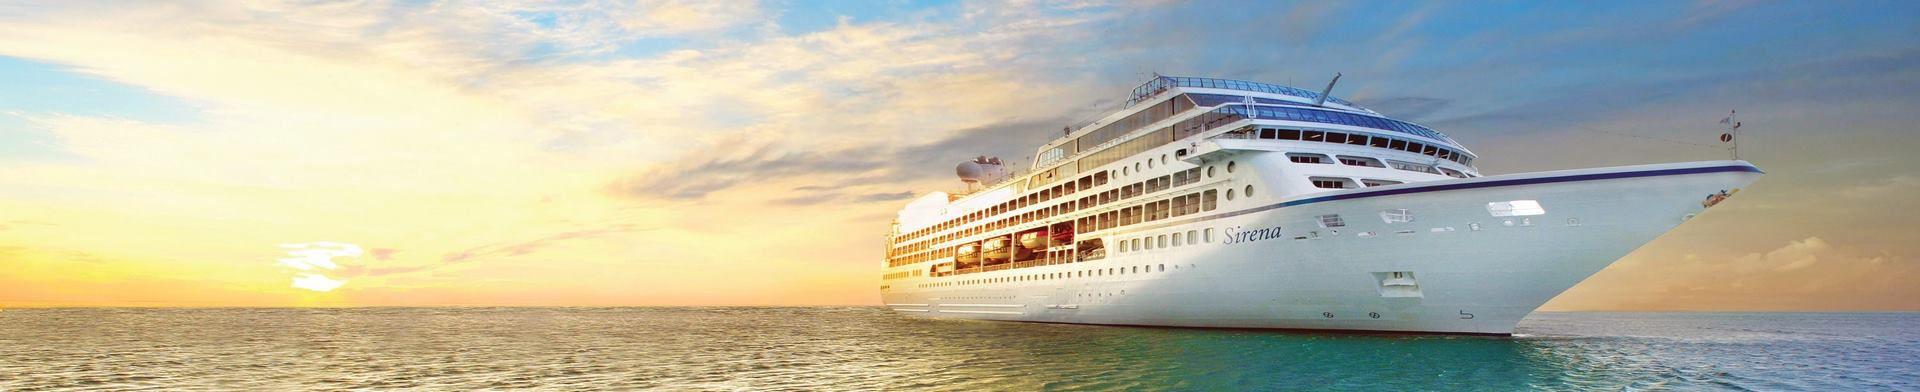 Compagnie Oceania Cruises